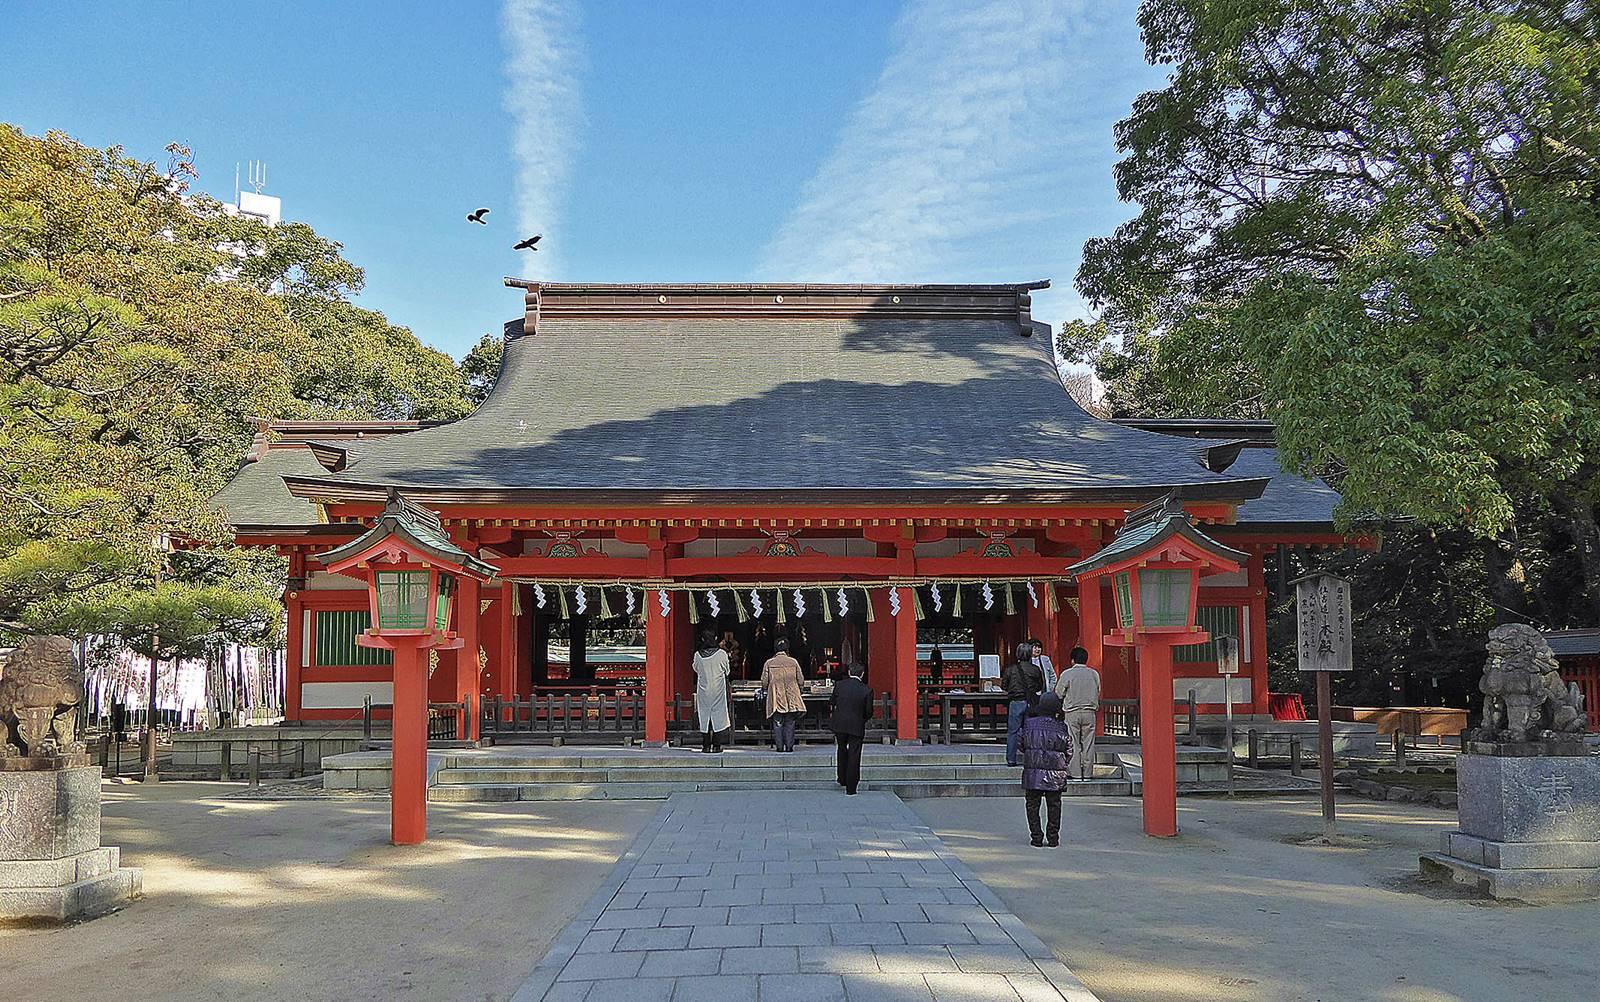 福岡-景點-推薦-住吉神社-福岡好玩景點-福岡必玩景點-福岡必去景點-福岡自由行景點-攻略-市區-郊區-福岡觀光景點-福岡旅遊景點-福岡旅行-福岡行程-Fukuoka-Tourist-Attraction